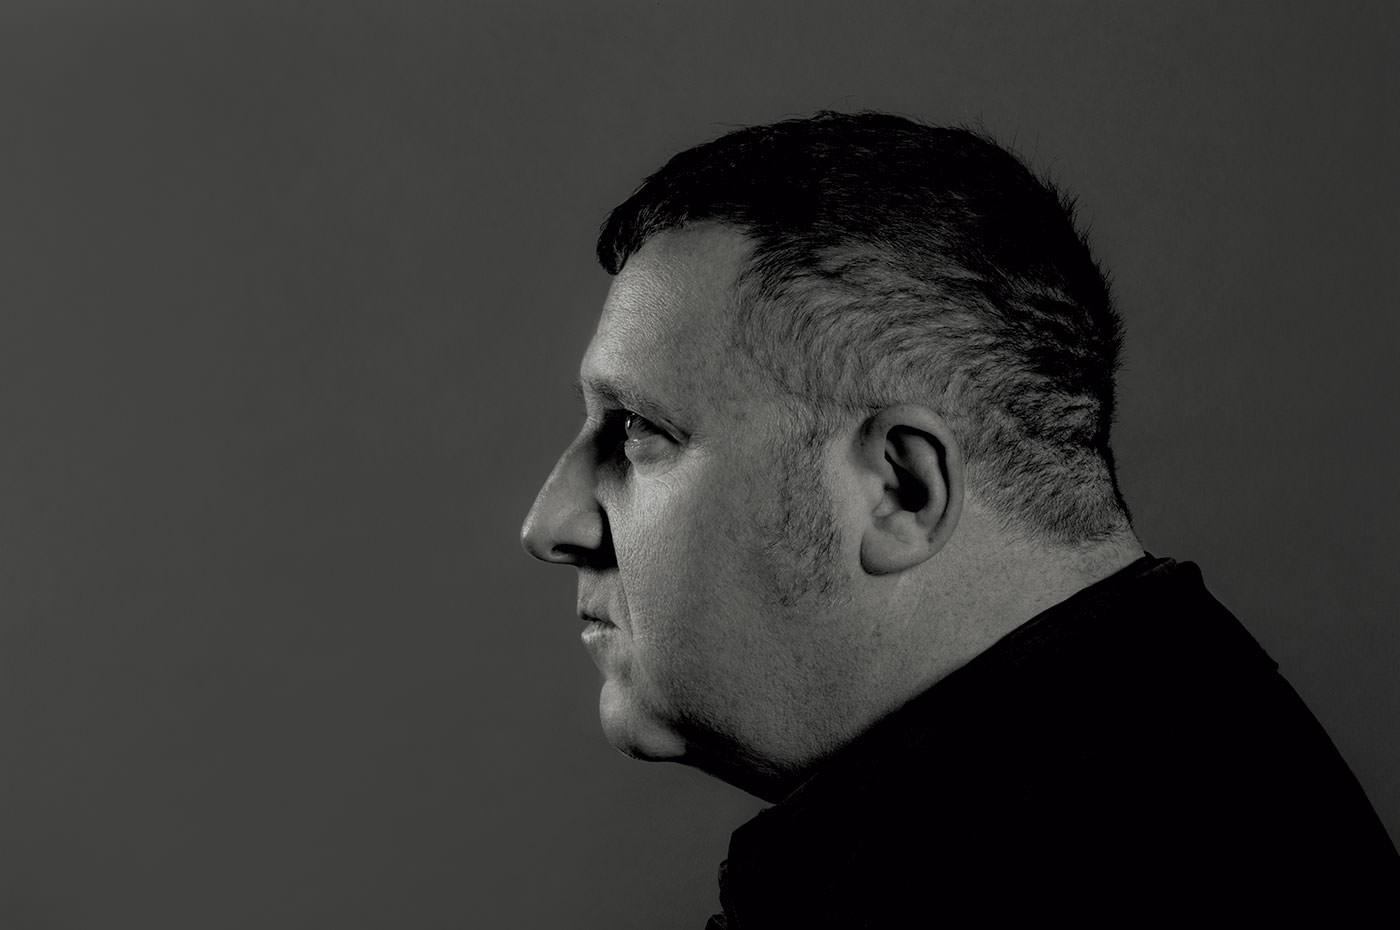 Alber Elbaz quitte la direction artistique de Lanvin